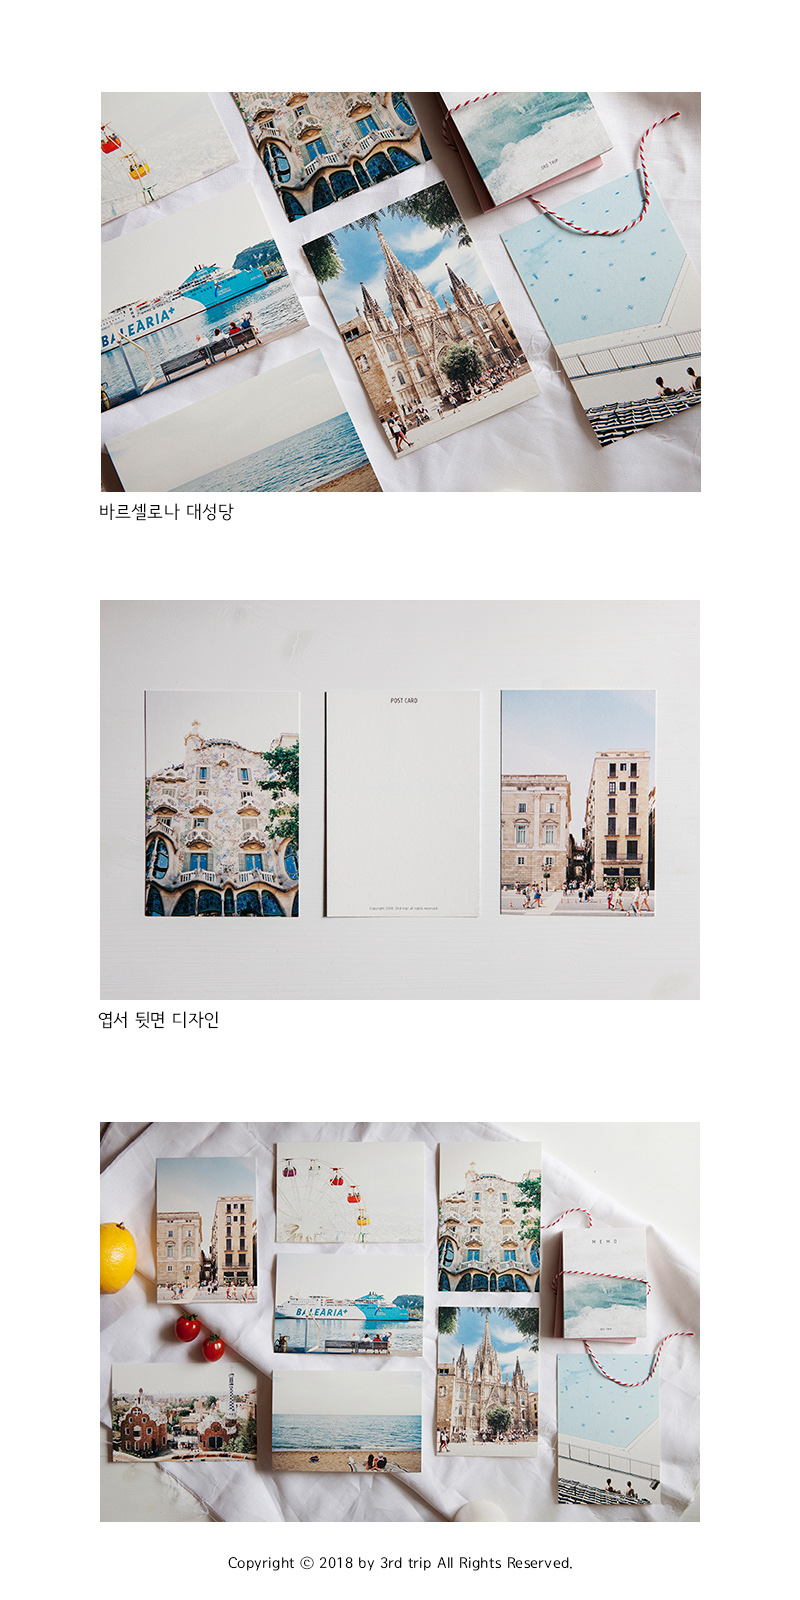 바르셀로나 엽서세트 - 써드트립, 6,000원, 엽서, 포토